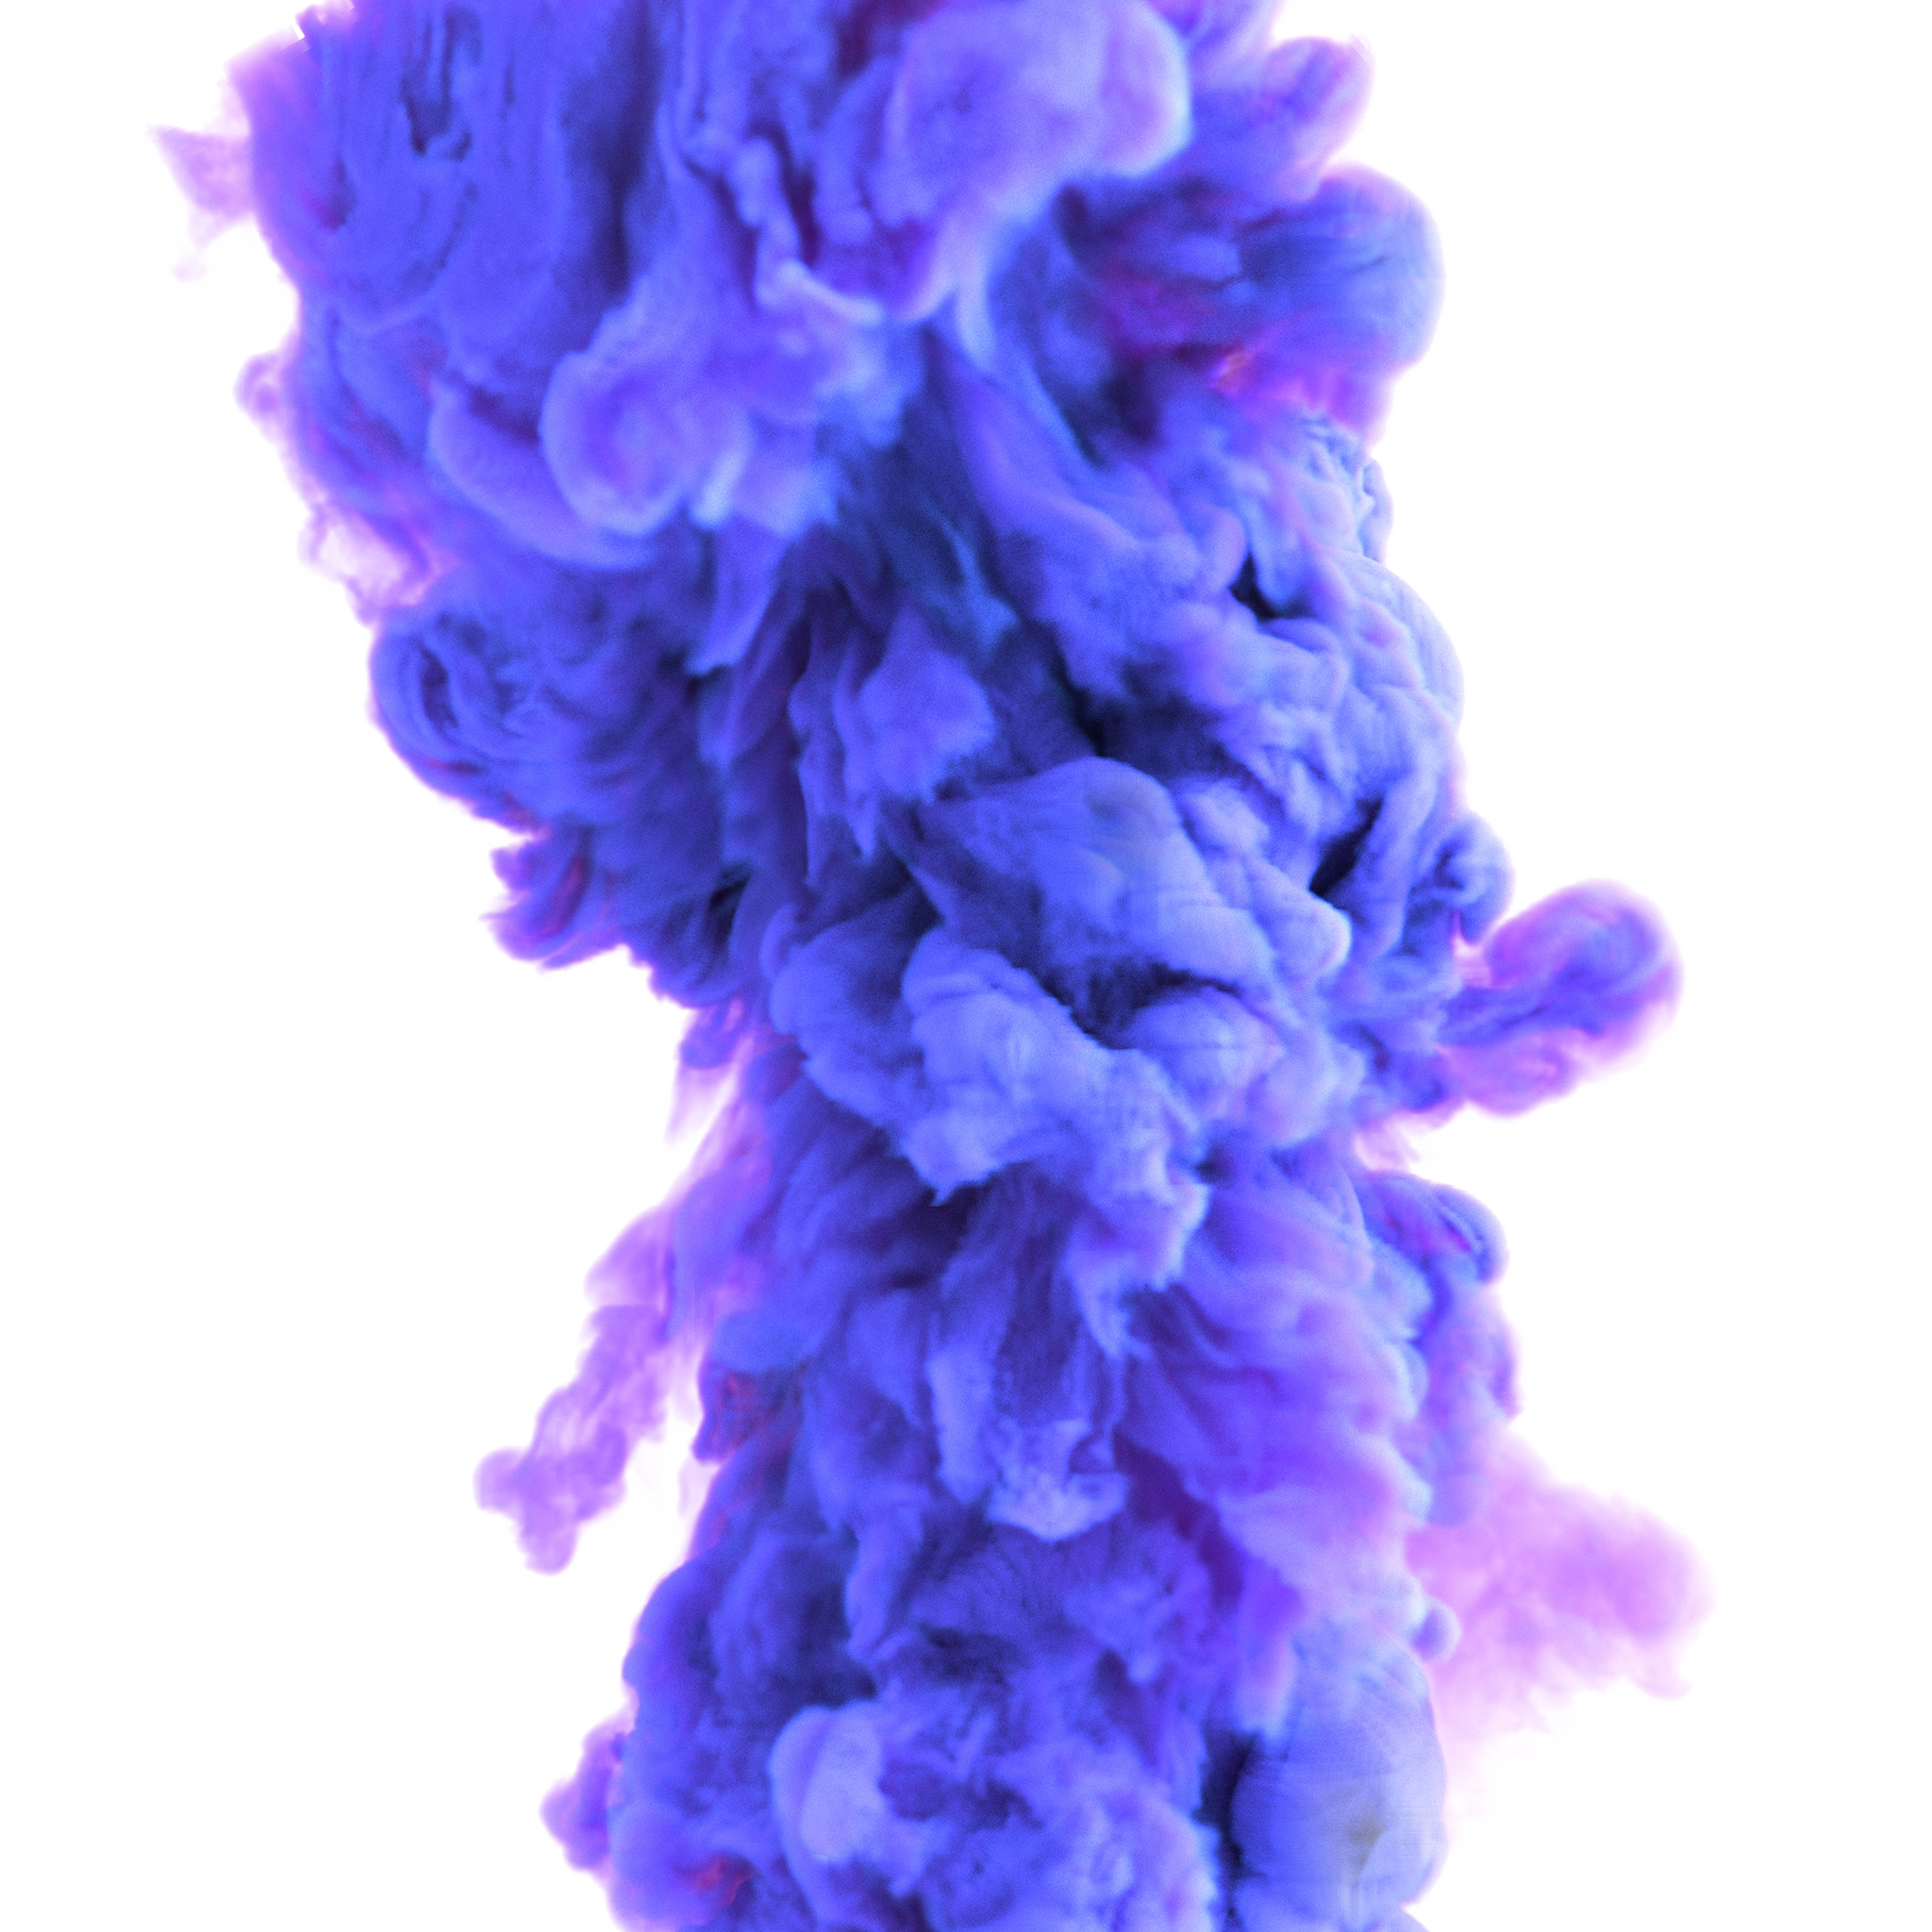 Purple smoke png. Background image arts